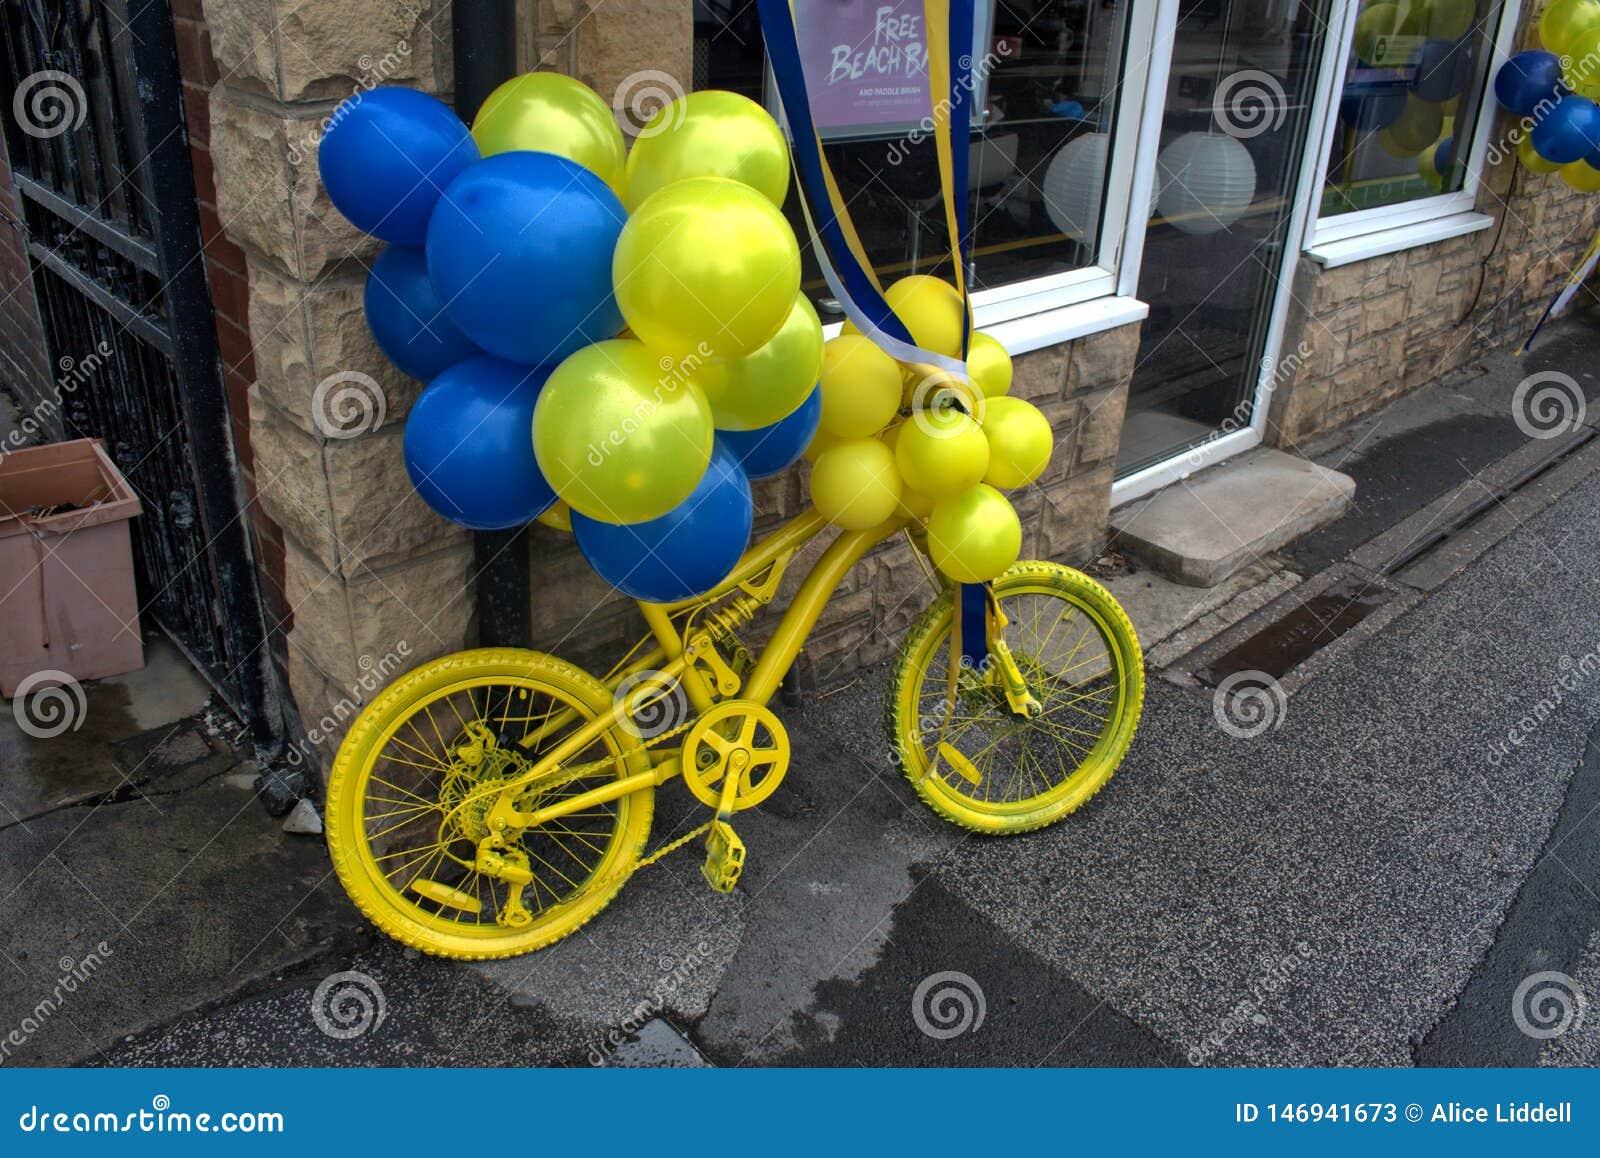 Bici gialla, con i palloni blu e gialli